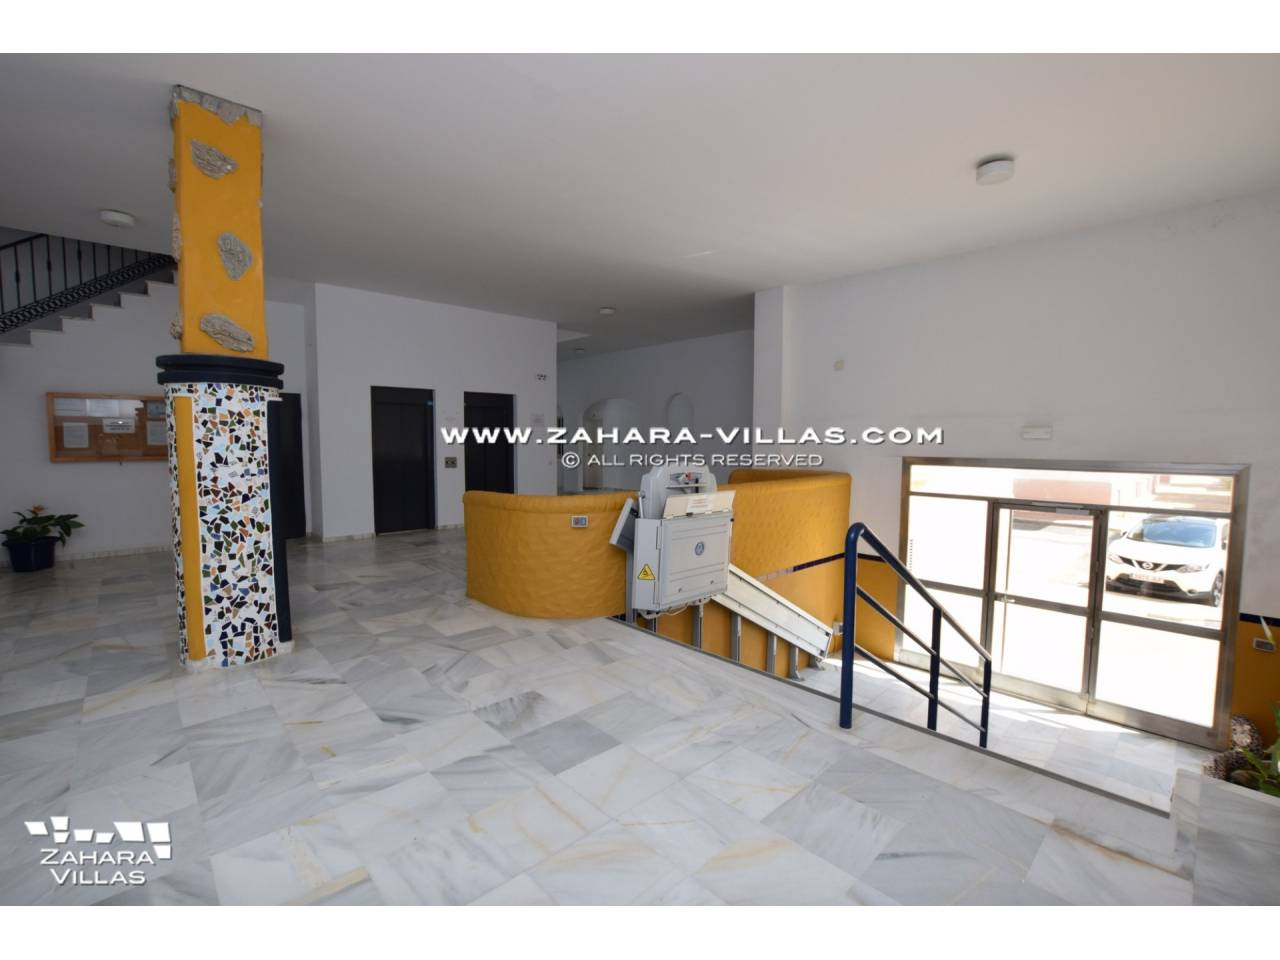 Imagen 41 de Estupendo Apartamento con vistas al mar en venta en Zahara de los Atunes